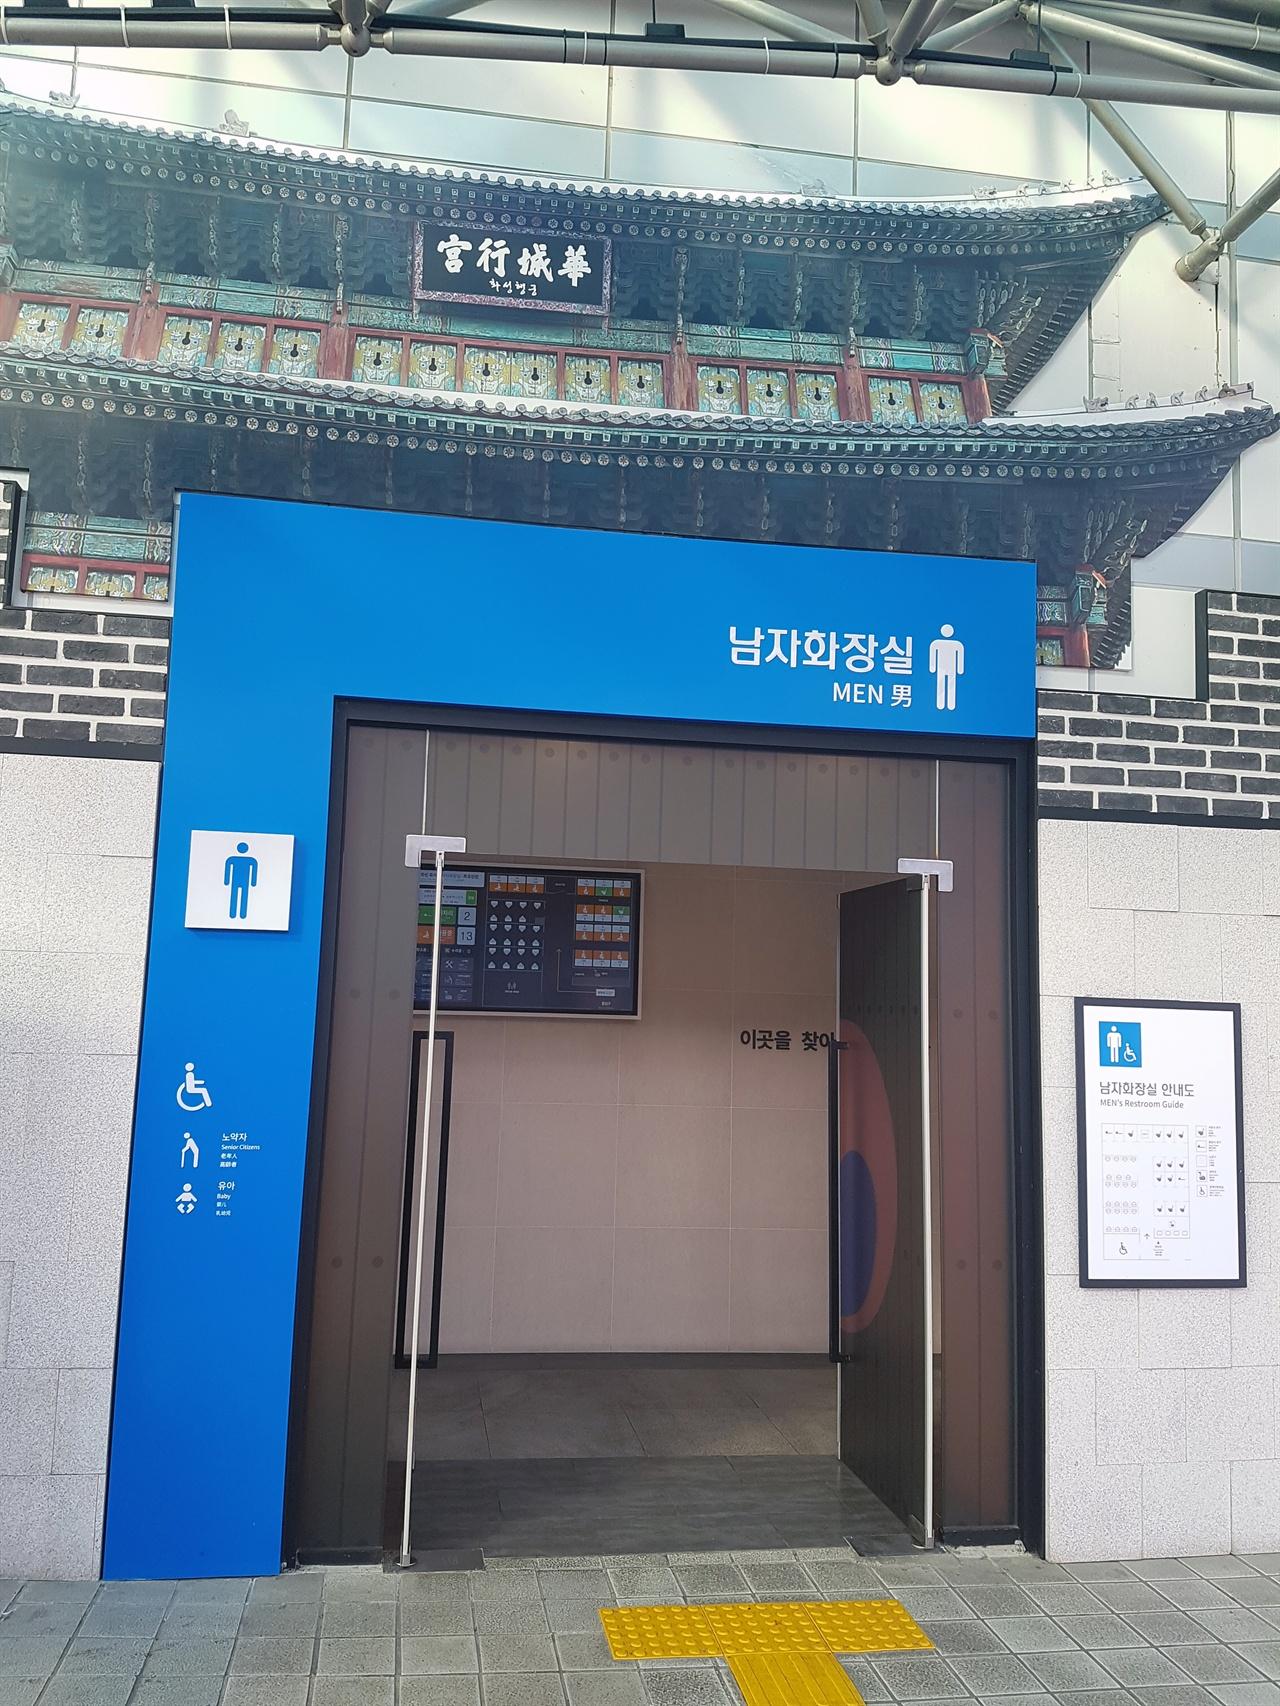 화장실 출입구. 여느 출입문과 달리 태극 문양의 대문에다 전광판이 있습니다. 전광판에는 화장실 이용 알림 현황이 있어 편리합니다.